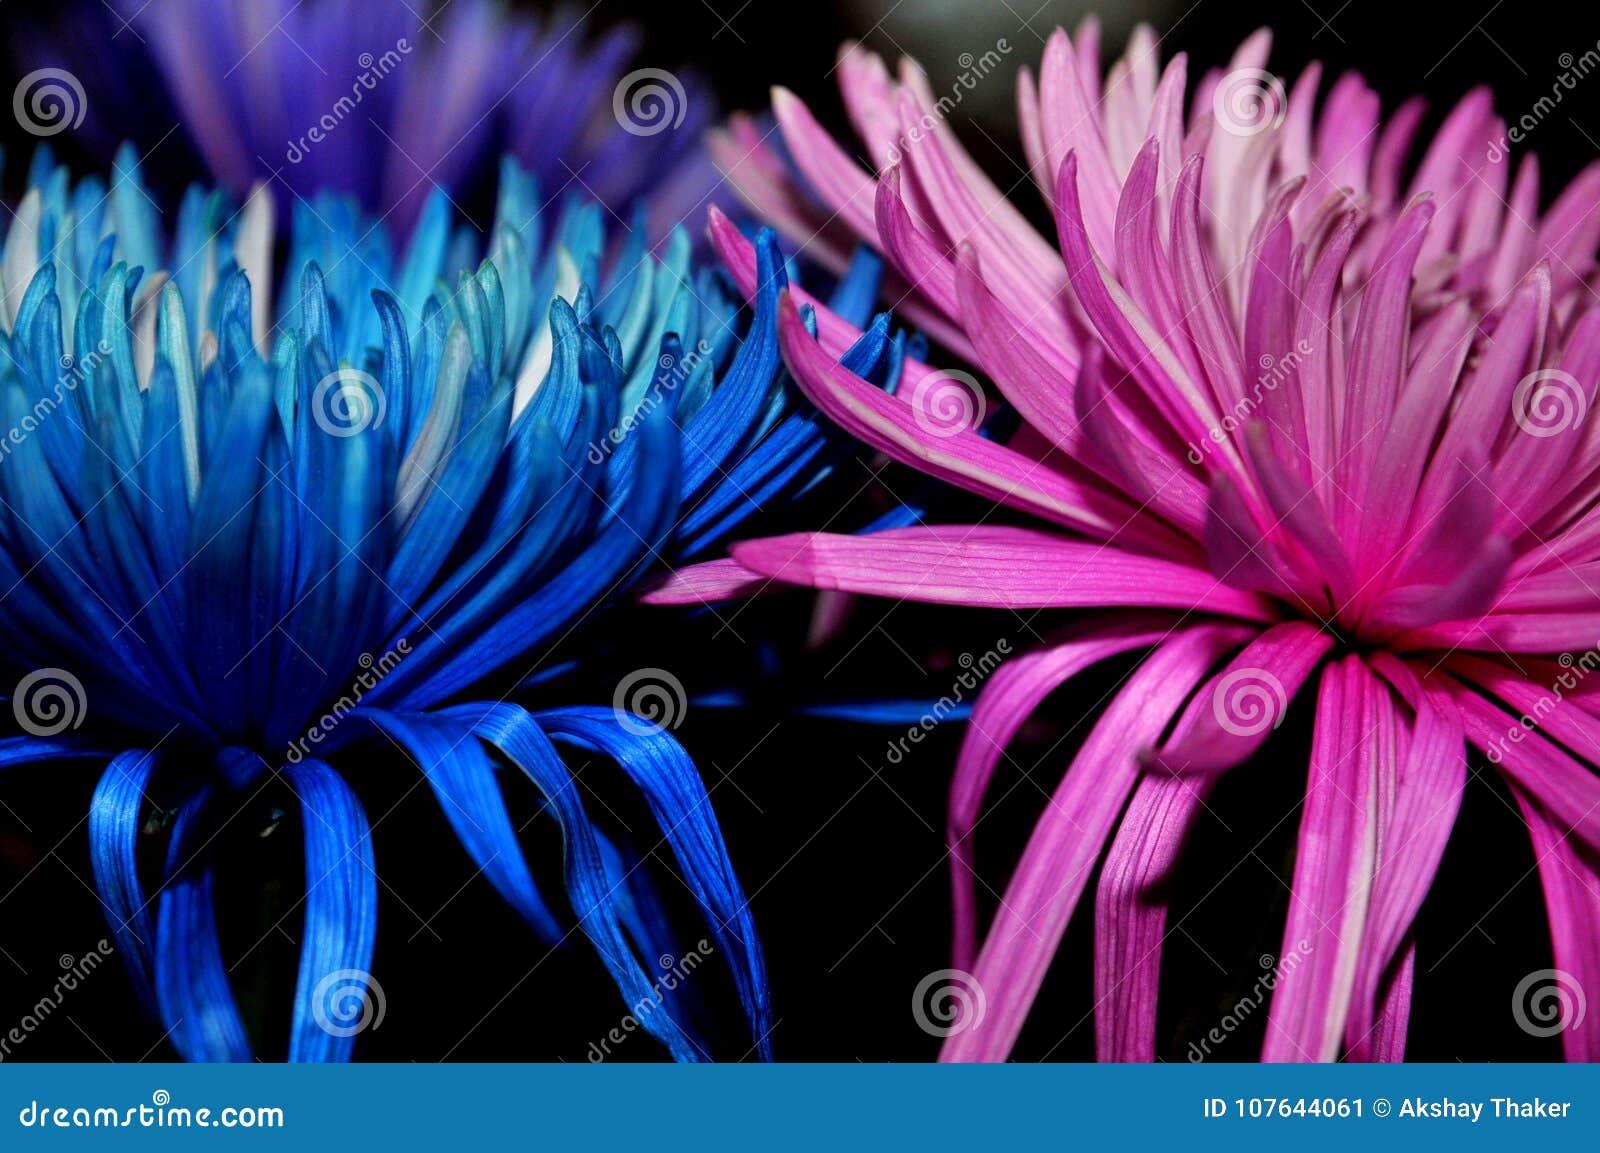 O ` seja delicado, amor e para ficar junto o ` azul e a flor cor-de-rosa mantida junto para criar uma imagem inspirada